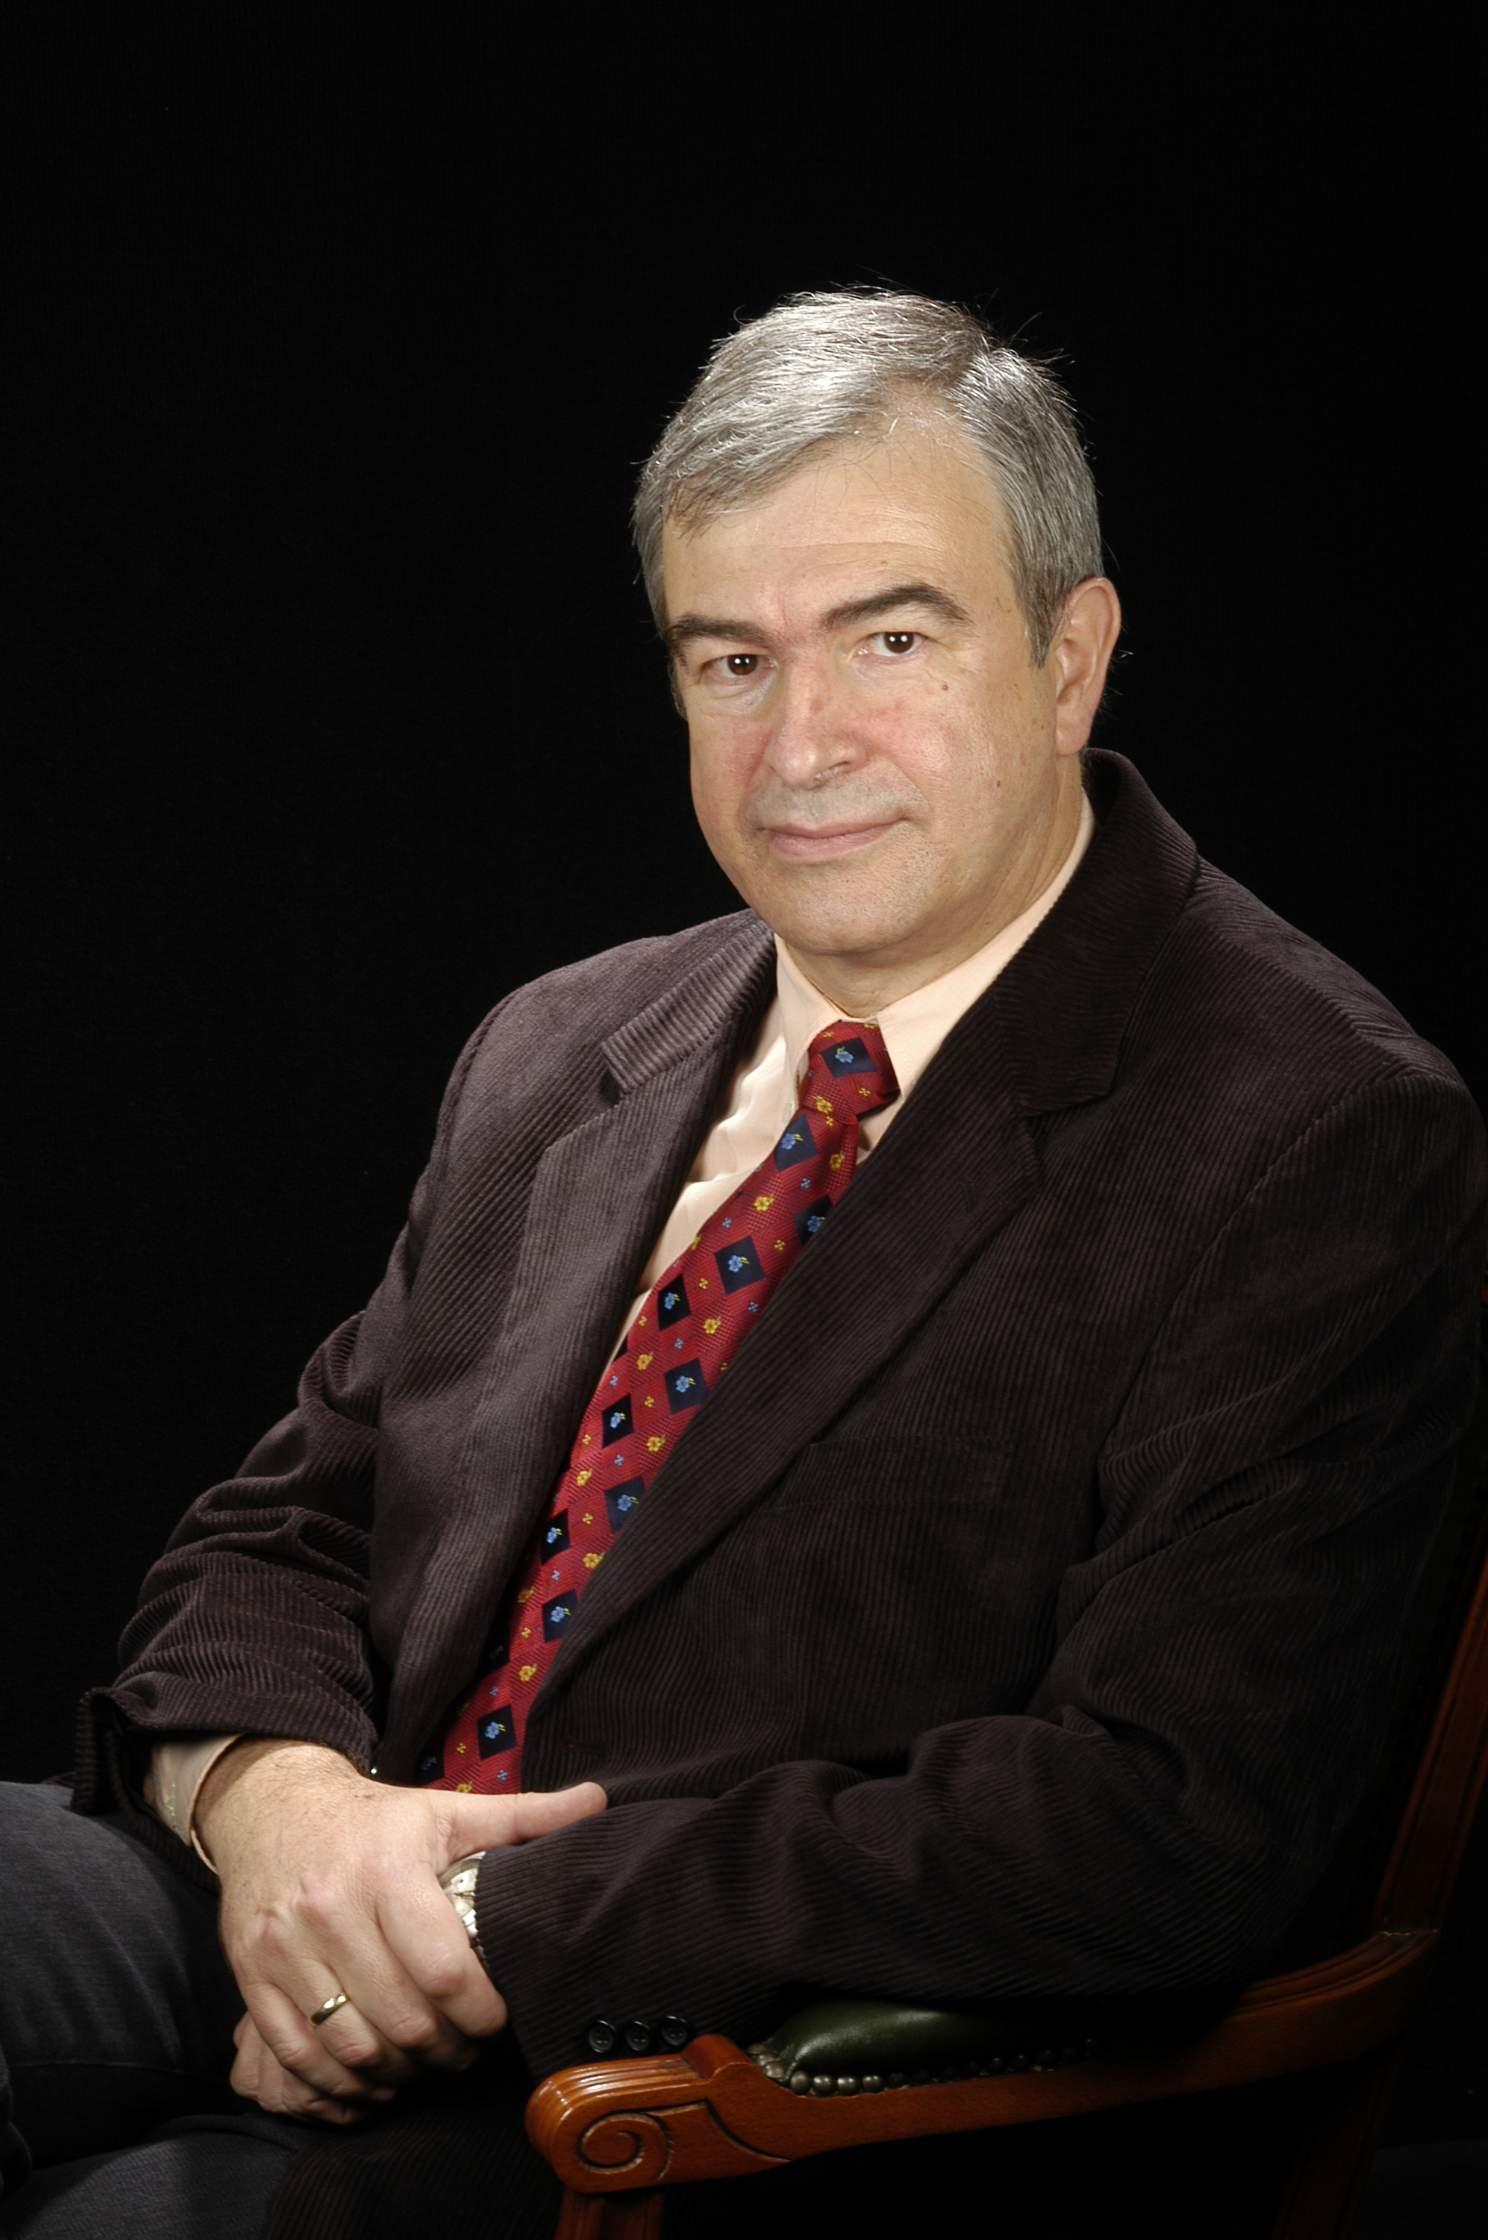 Dr. Buenaventura Guamis López